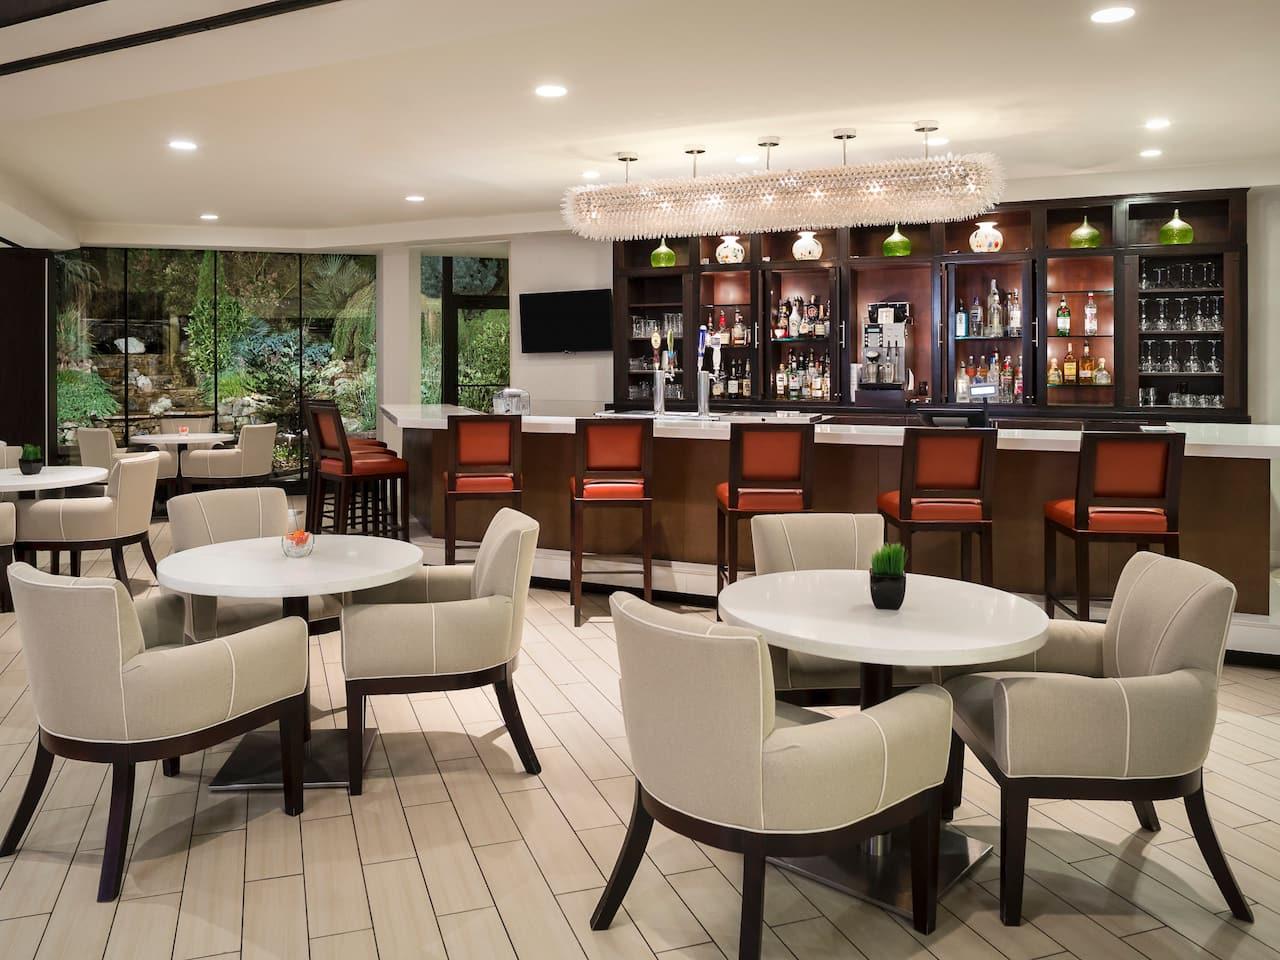 Padella Restaurant and Bar